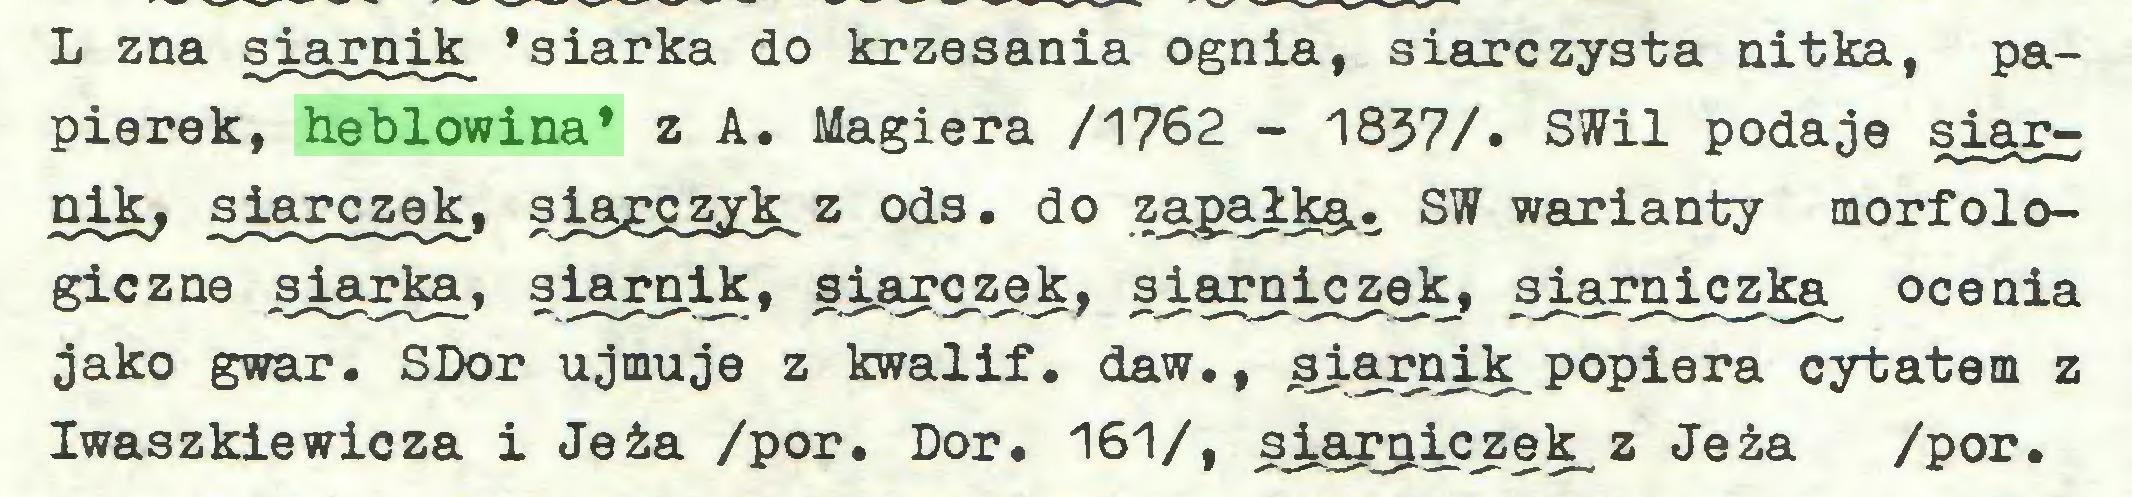 (...) L zna siarnik 'siarka do krzesania ognia, siarczysta nitka, papierek, heblowina* z A. Magiera /1762 - 1837/. SWil podaje siąrnik, siarczek, siaręzyk z ods. do zapałka,. SW warianty morfologiczne siarka, siarnik, siarczek, siarniczek, siarniczka^ ocenia jako gwar. SDor ujmuje z kwalif. daw., siarnik popiera cytatem z Iwaszkiewicza i Jeża /por. Dor. 161/, sia^iczek_z Jeża /por...